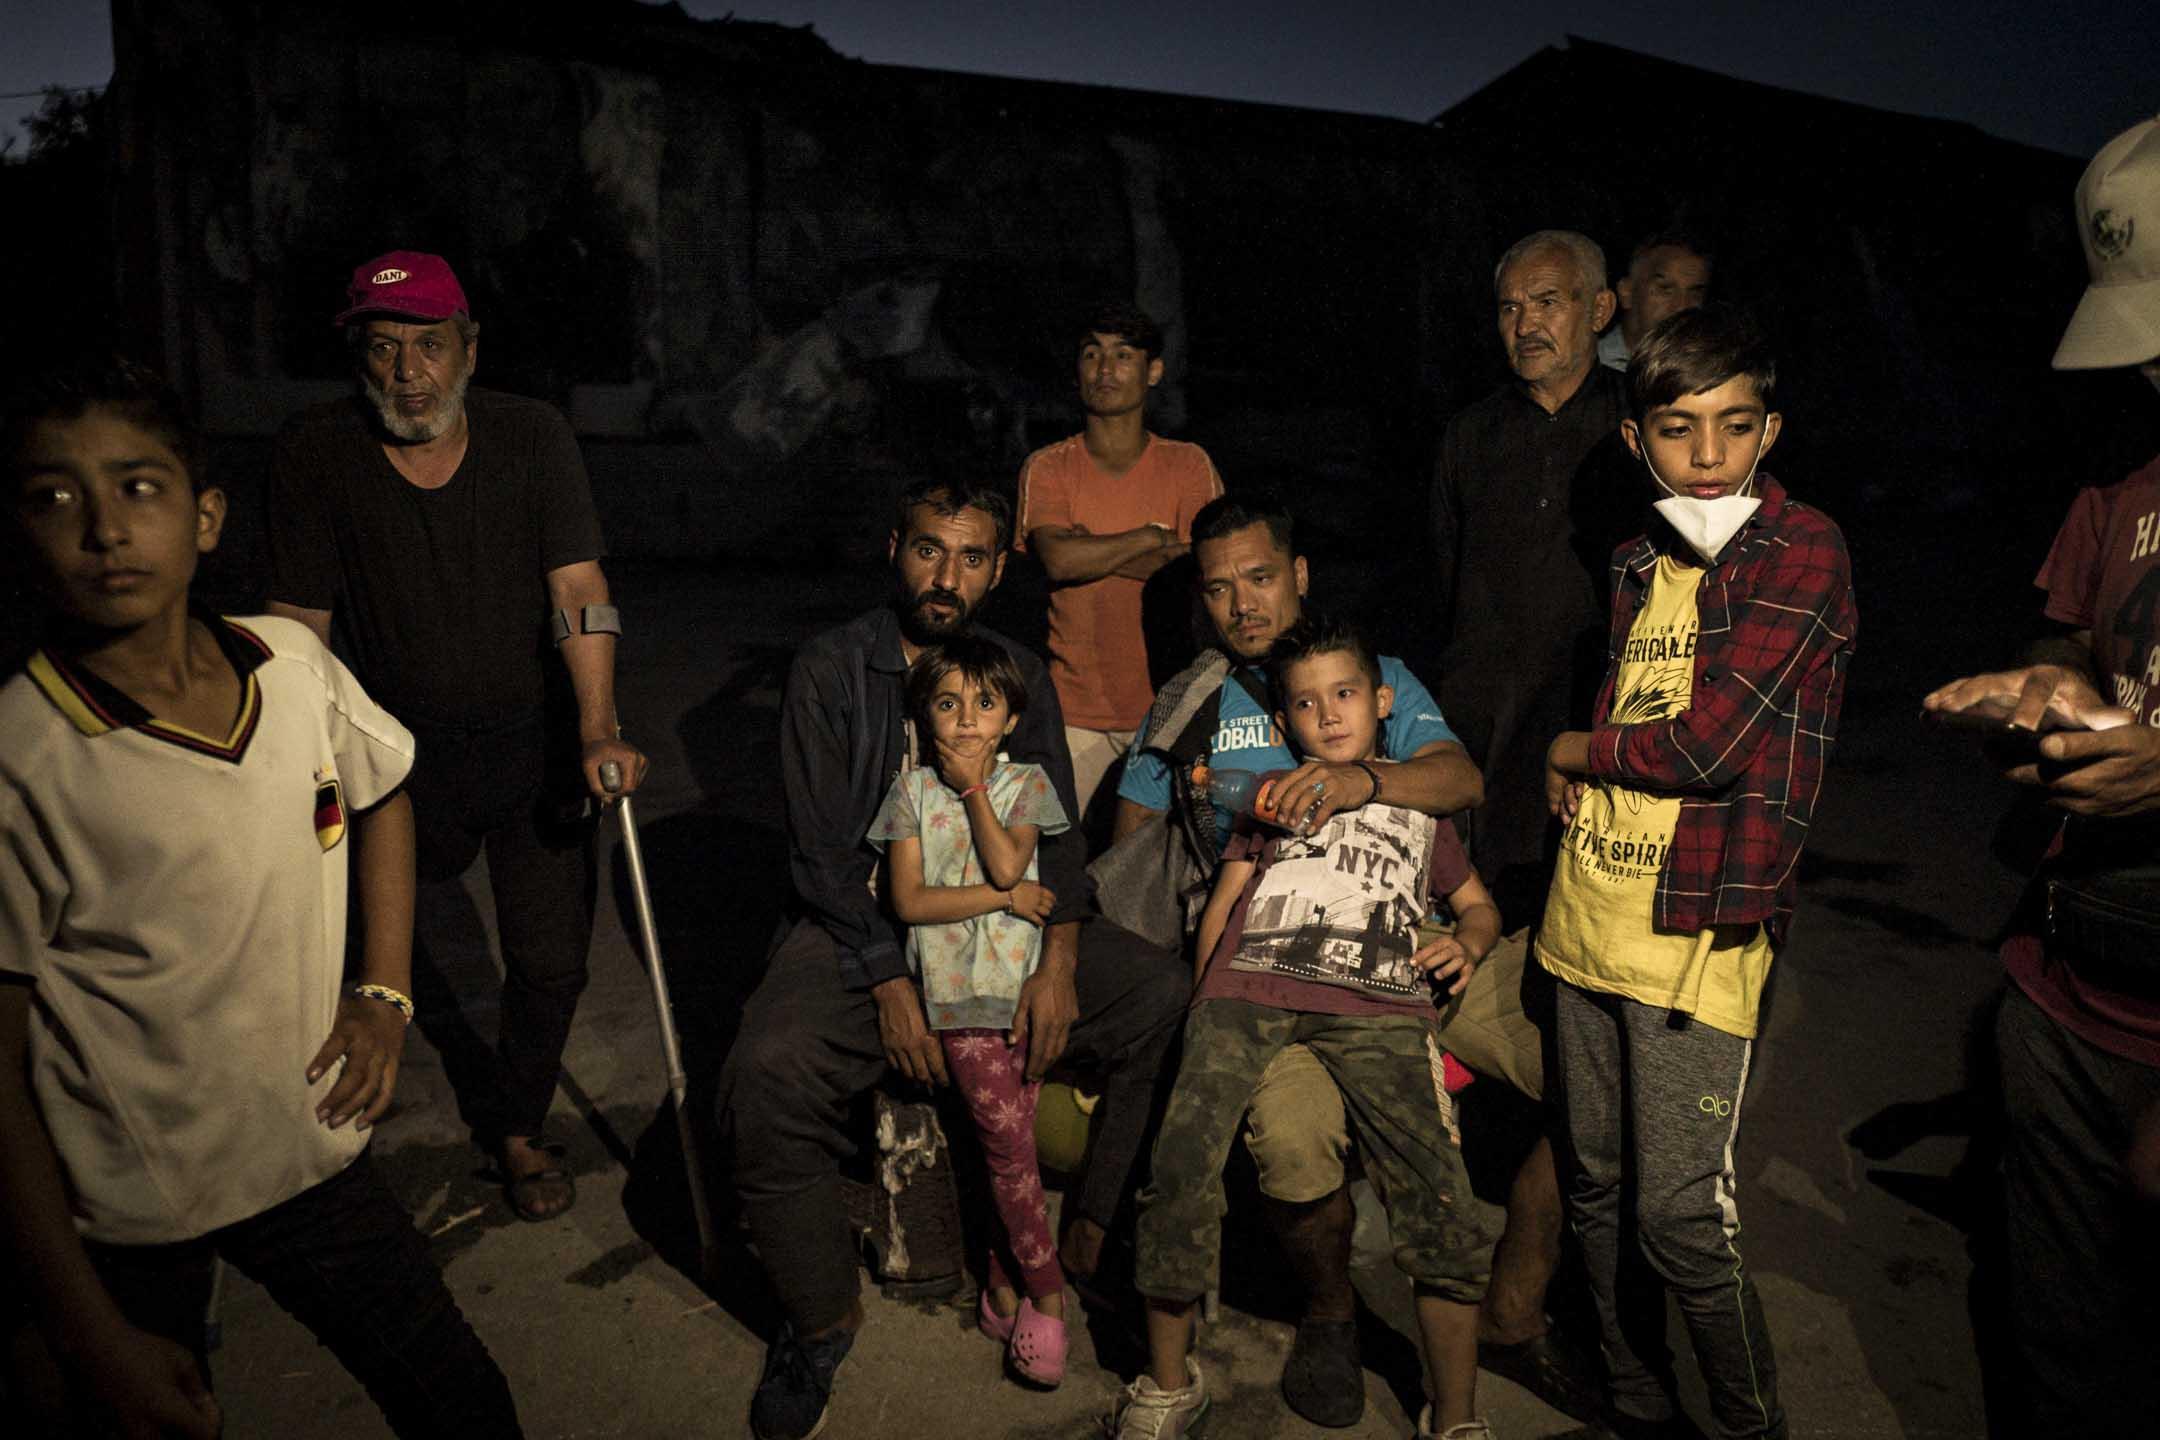 一家被困島上的敘利亞人仍然生活在被大火摧毀的難民營中。 攝:Nicola Zolin/端傳媒